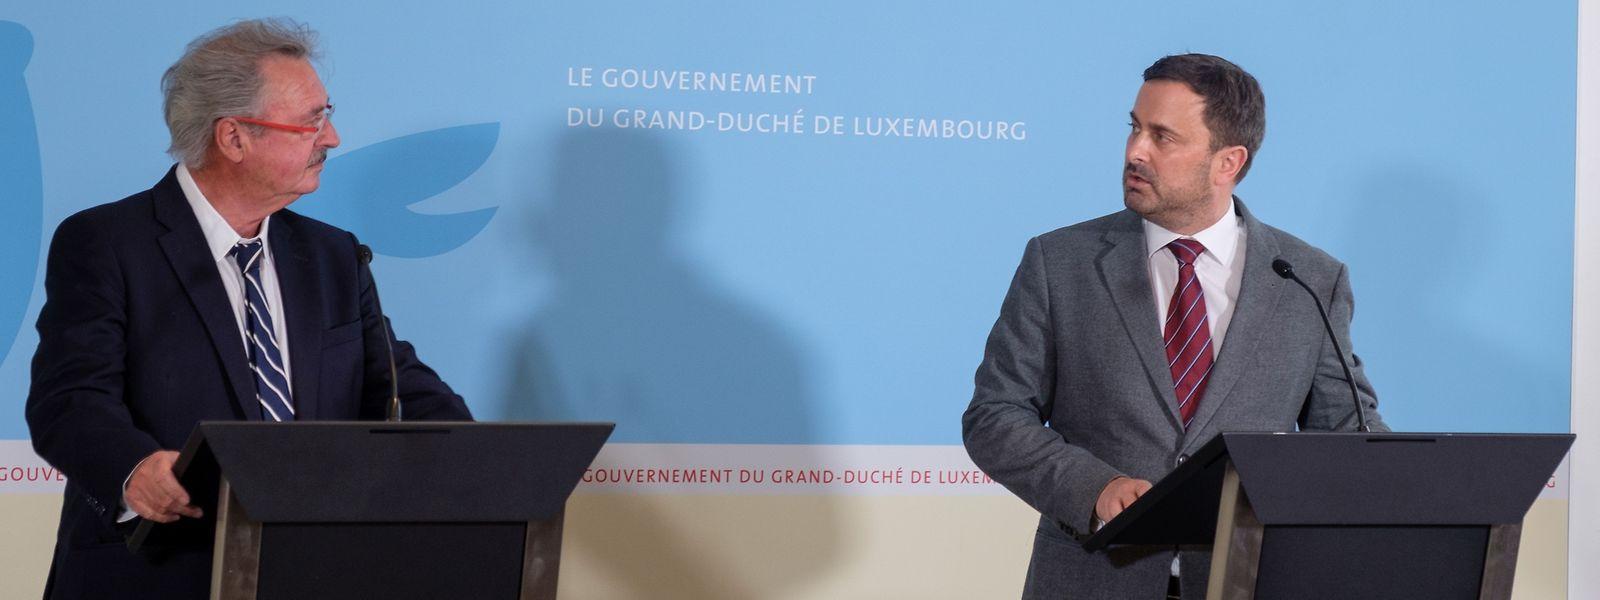 Premier Xavier Bettel (r.) und Außenminister Jean Asselborn: Auf alle Szenarien vorbereiten.